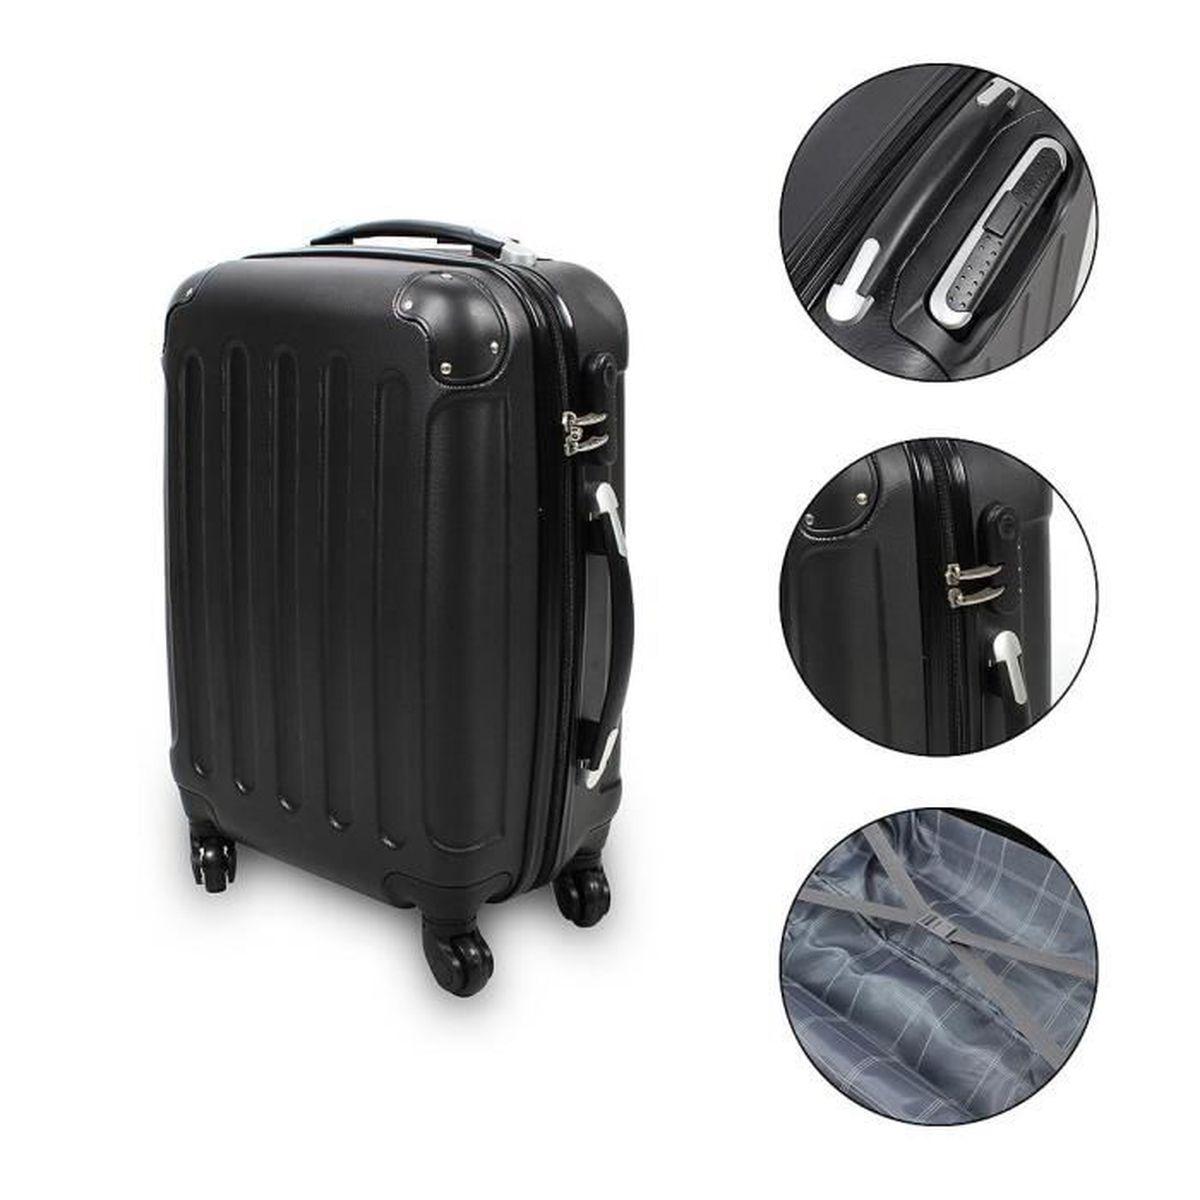 valise cabine zifel achat vente valise cabine zifel pas cher les soldes sur cdiscount. Black Bedroom Furniture Sets. Home Design Ideas